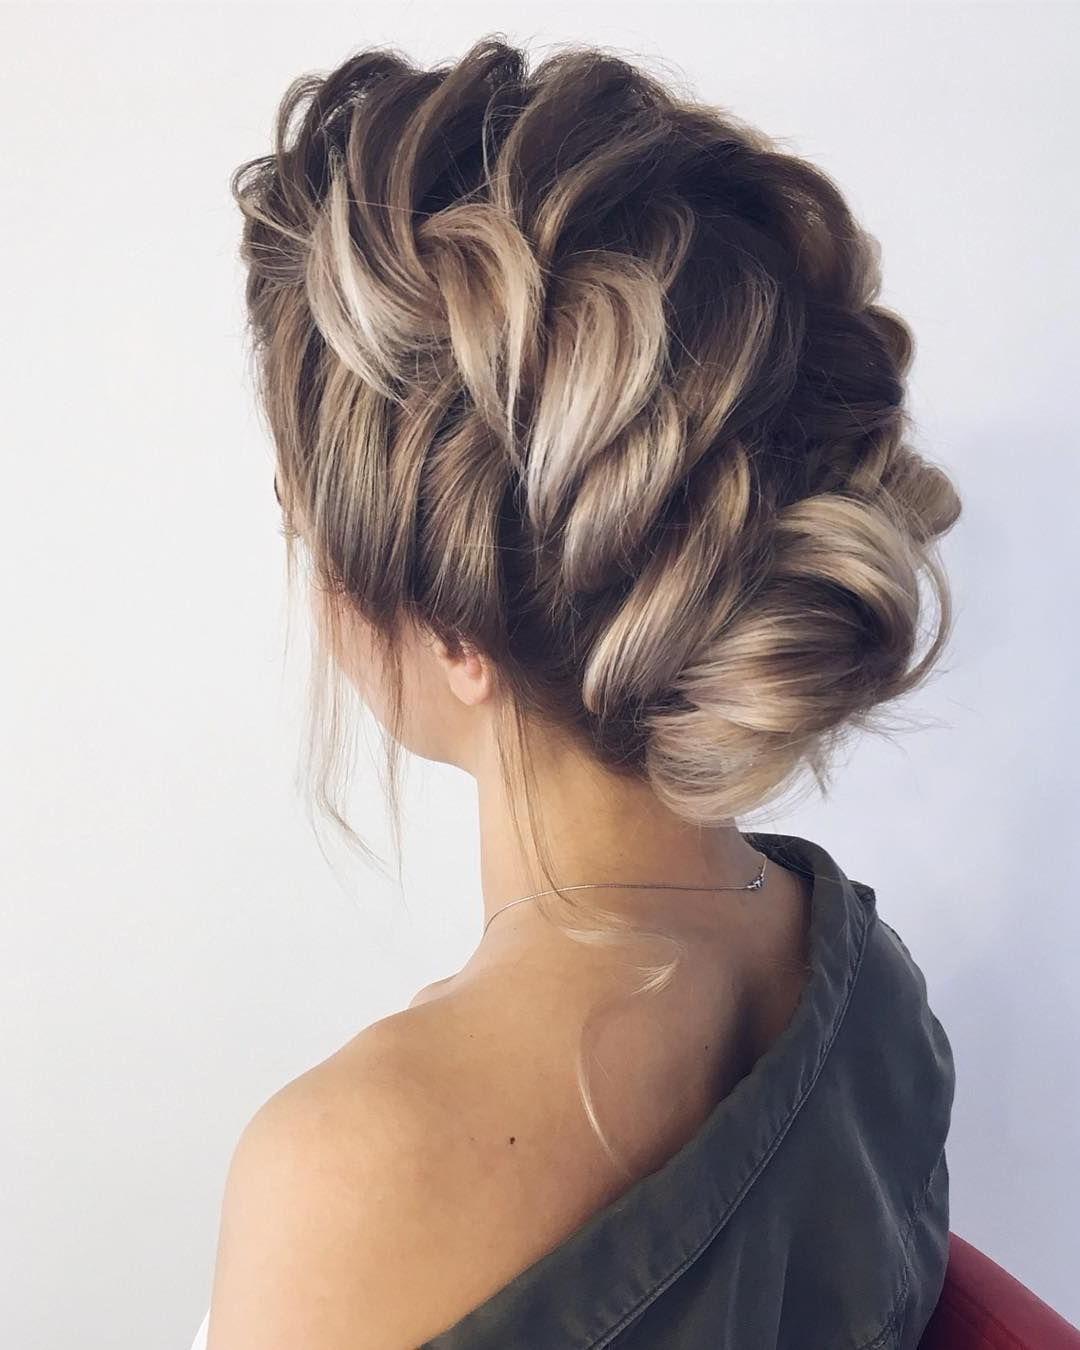 Hairstyle Tied - Cheveux élégamment tressés